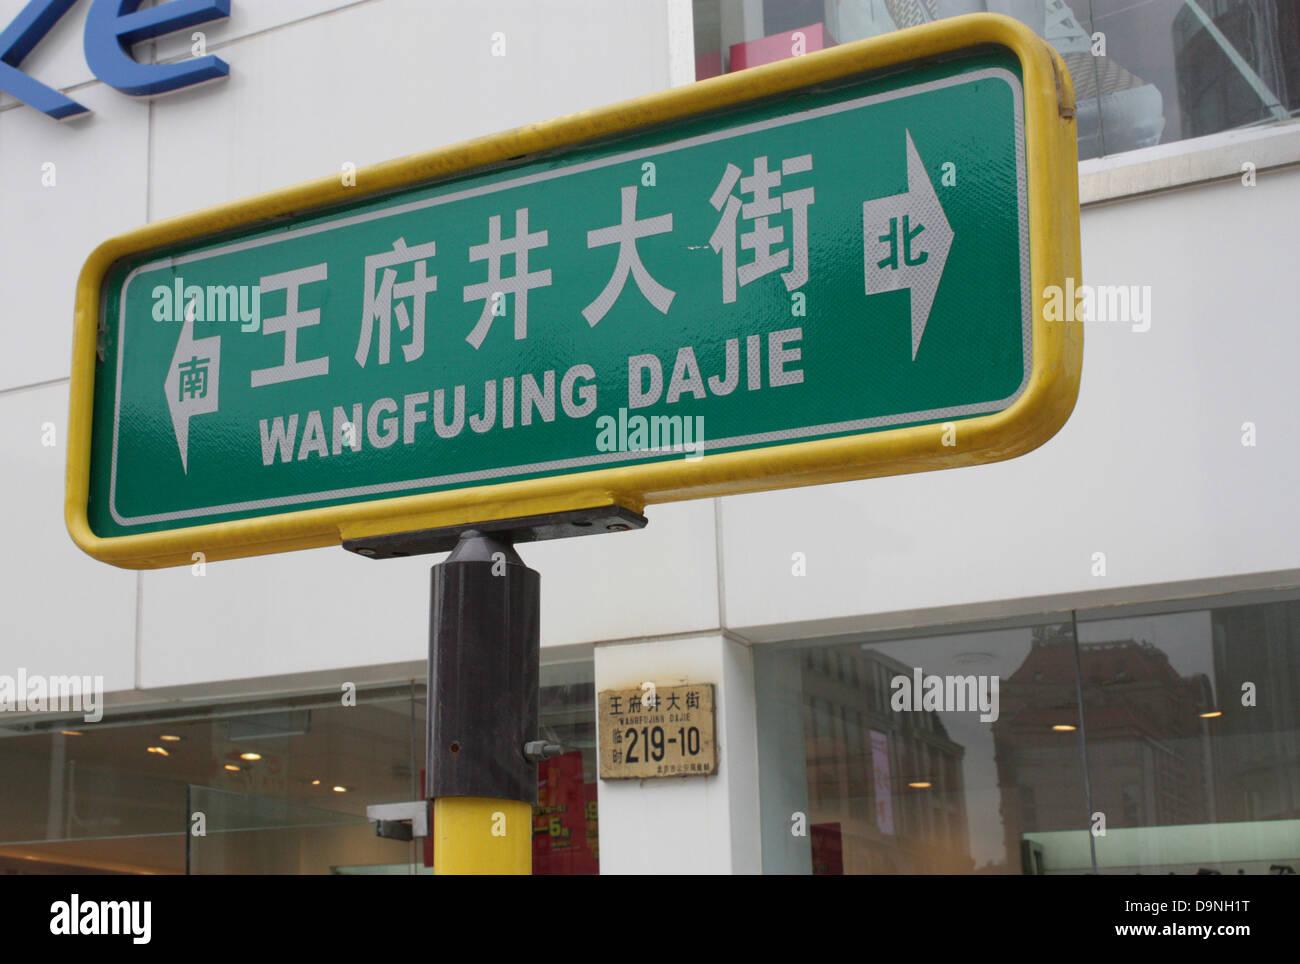 Beijing, China. City centre street name sign, Wangfujing Dajie, pedestrian shopping precinct - Stock Image